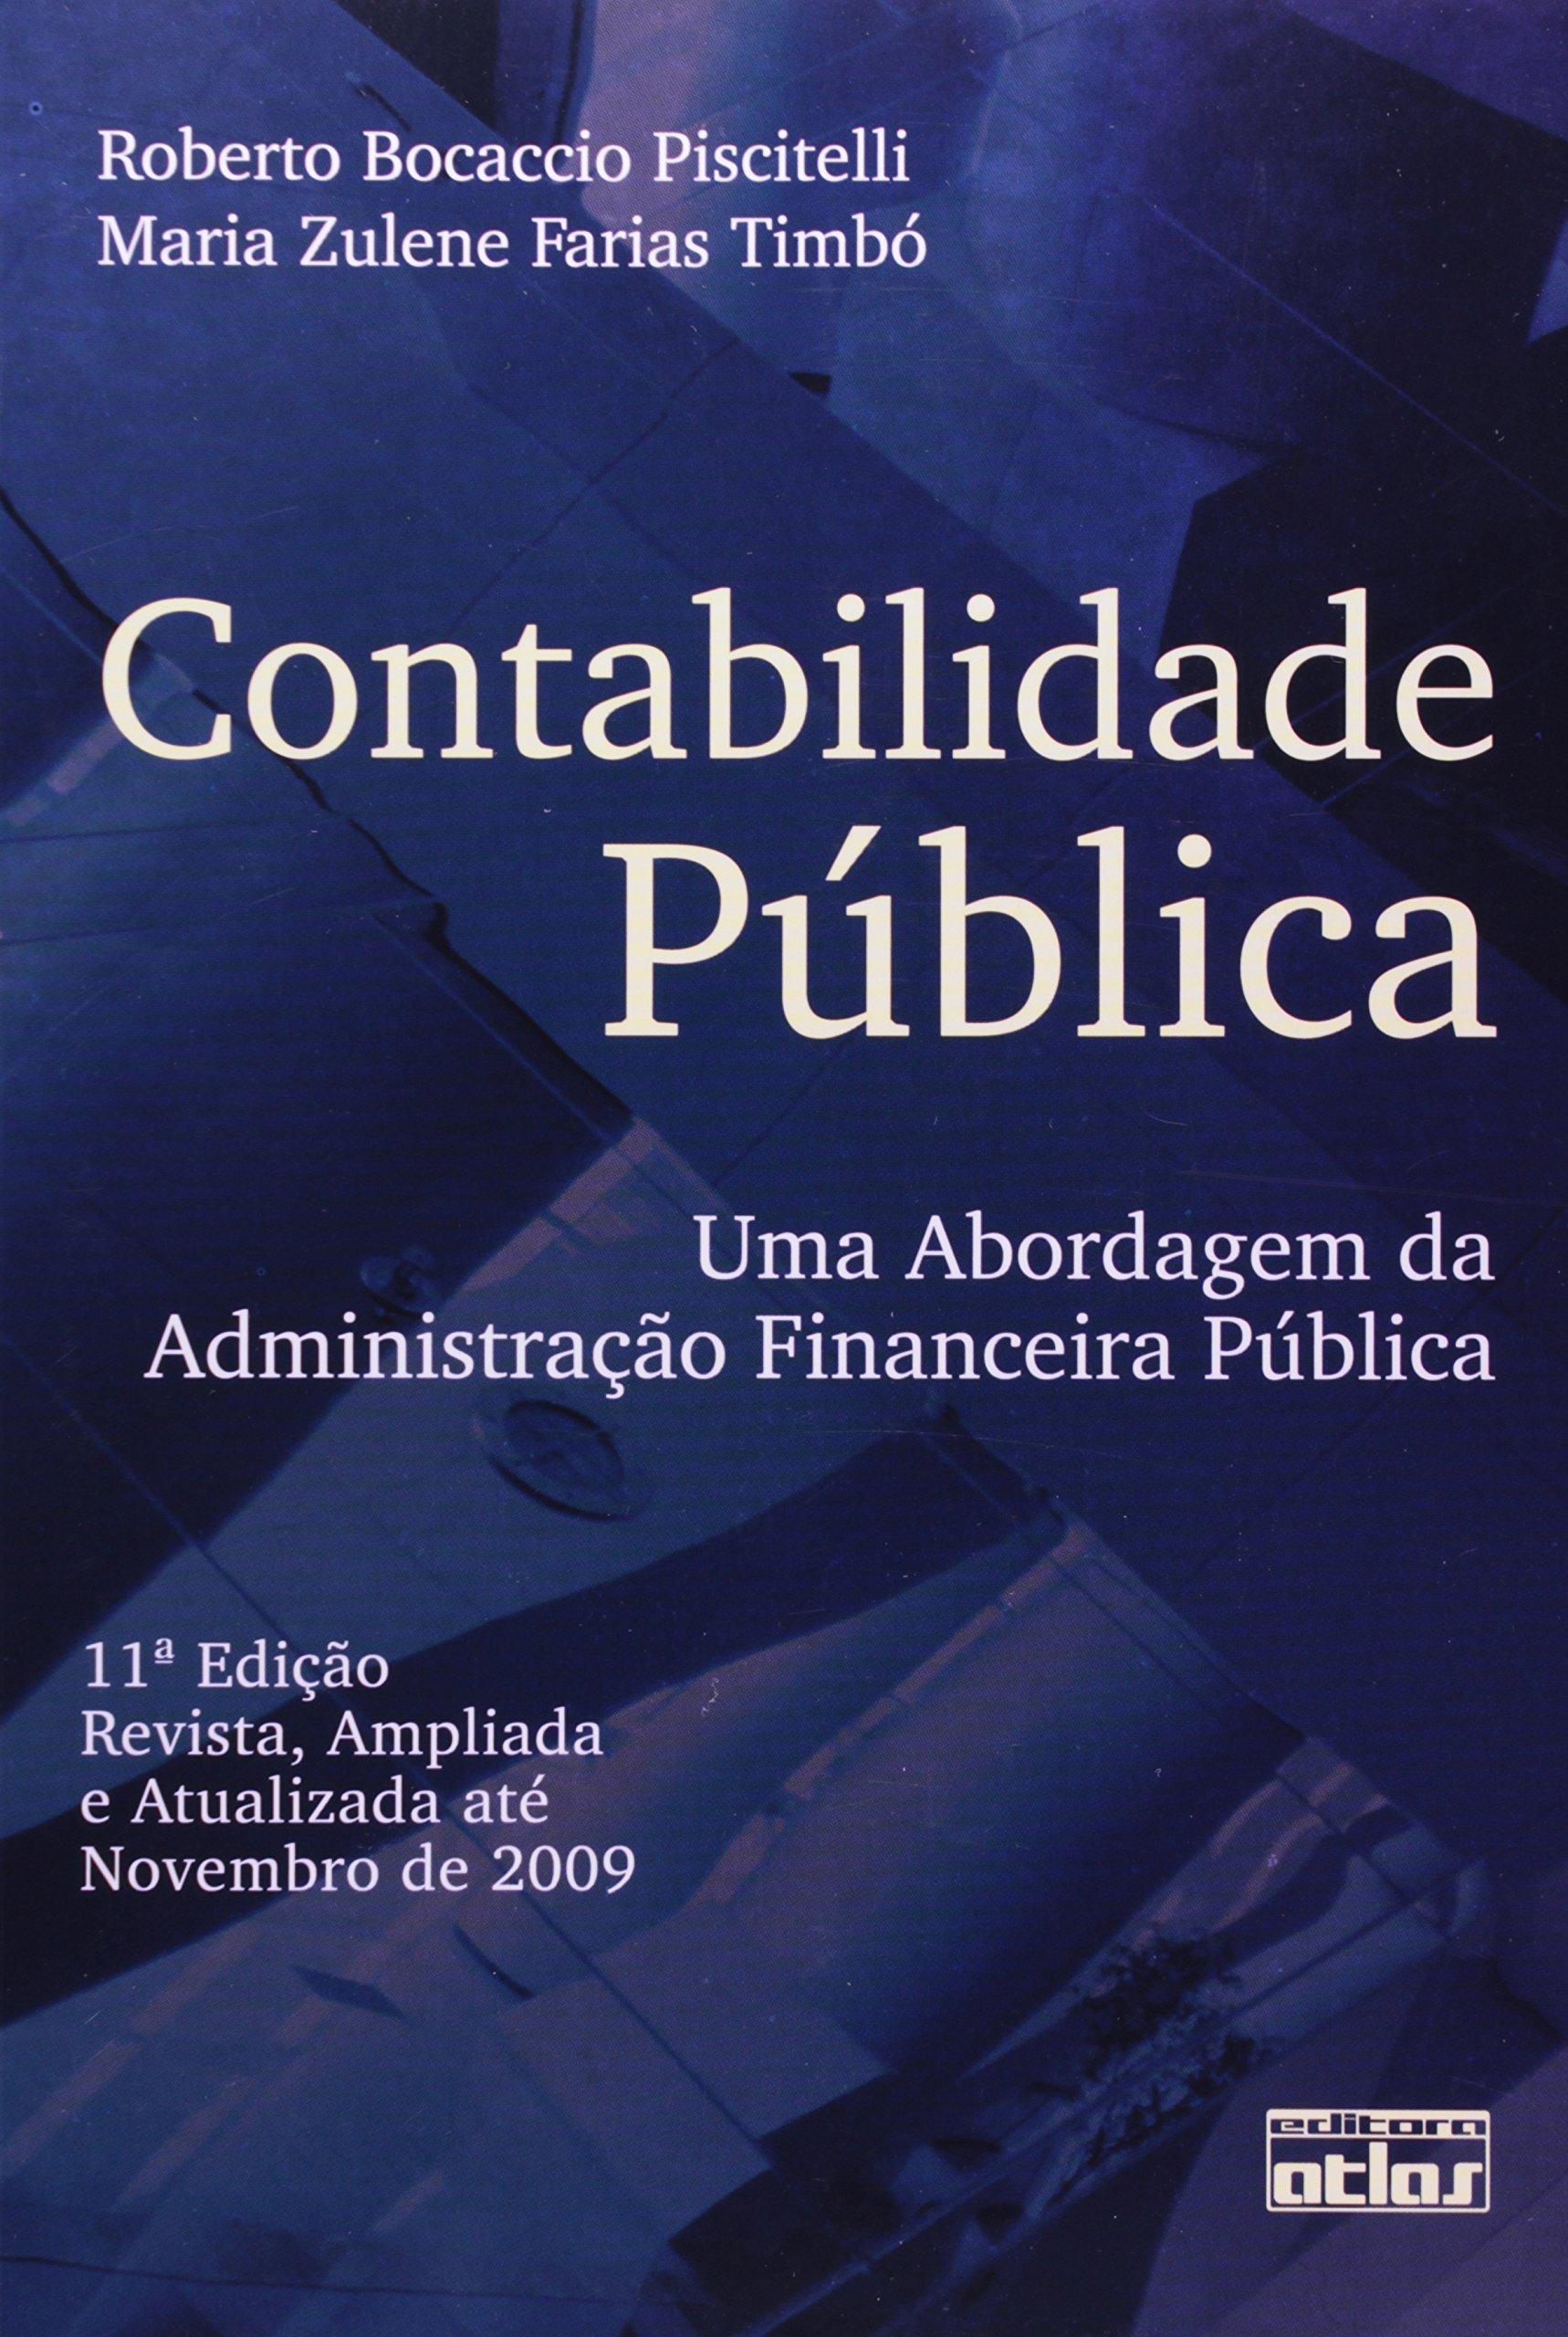 Contabilidade e Administração - Ramo de Fiscalidade